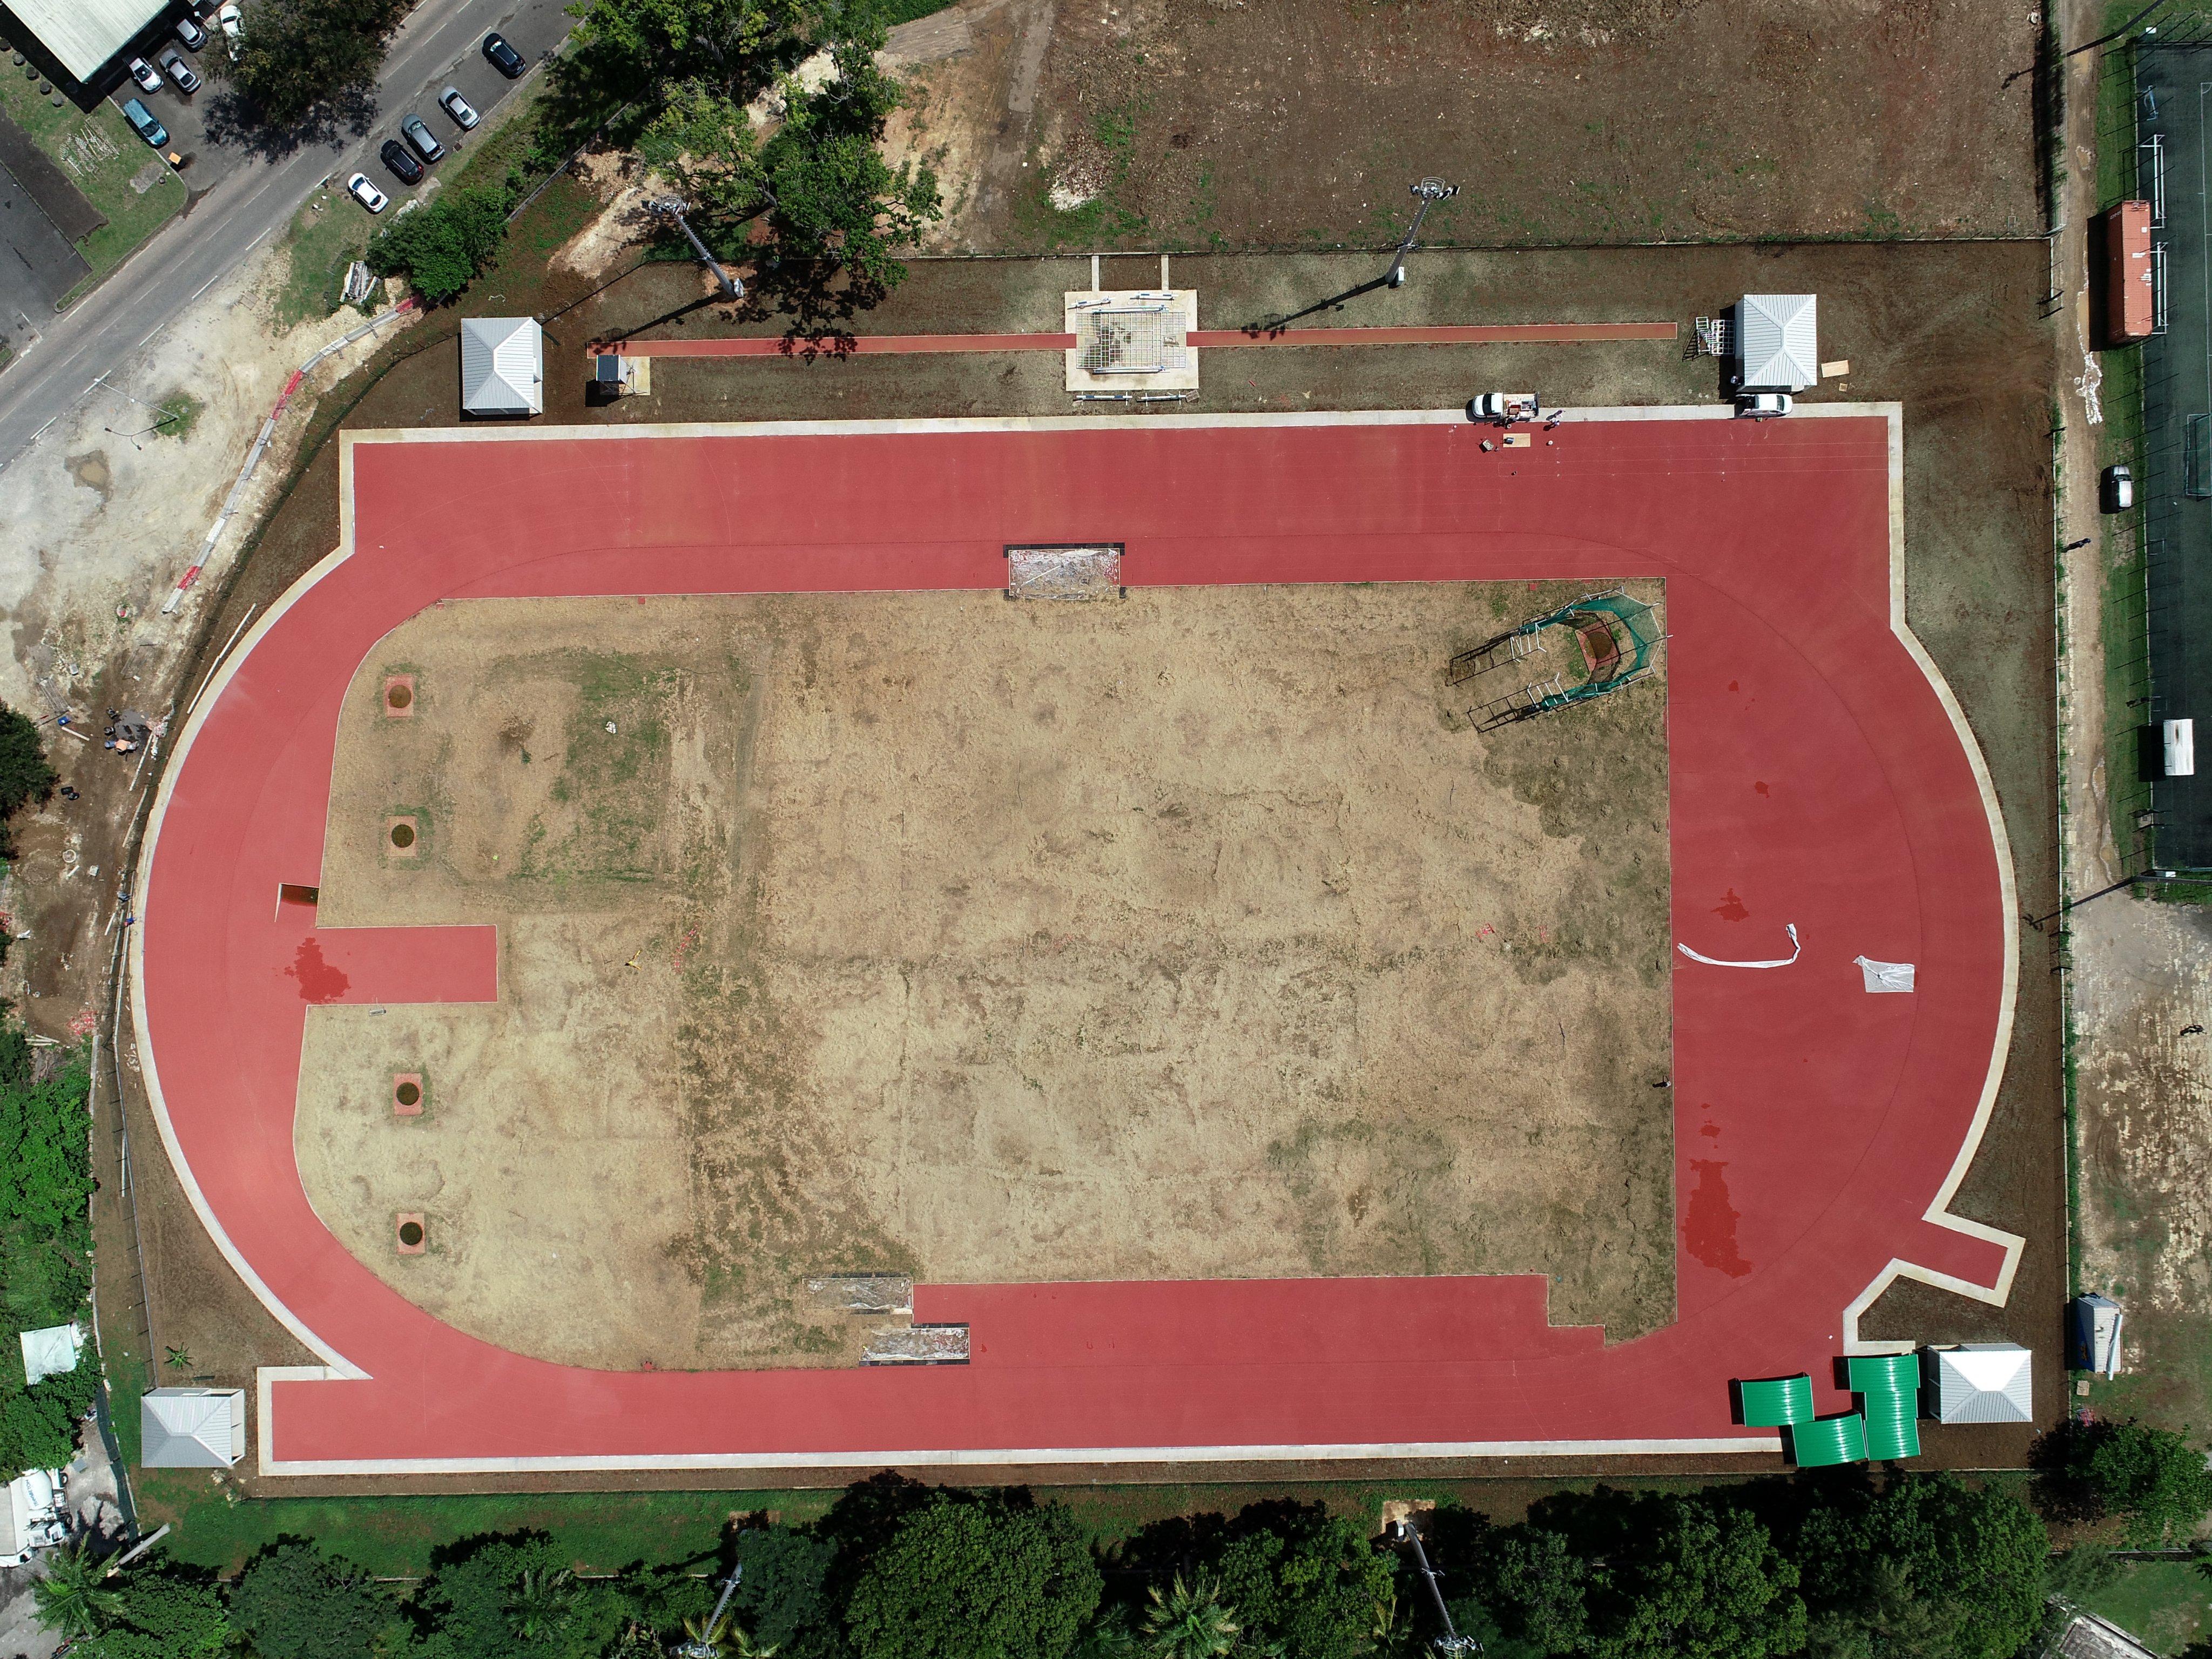 Athlétisme en Guadeloupe : Le CREPS Antilles-Guyane se dote d'une piste connectée